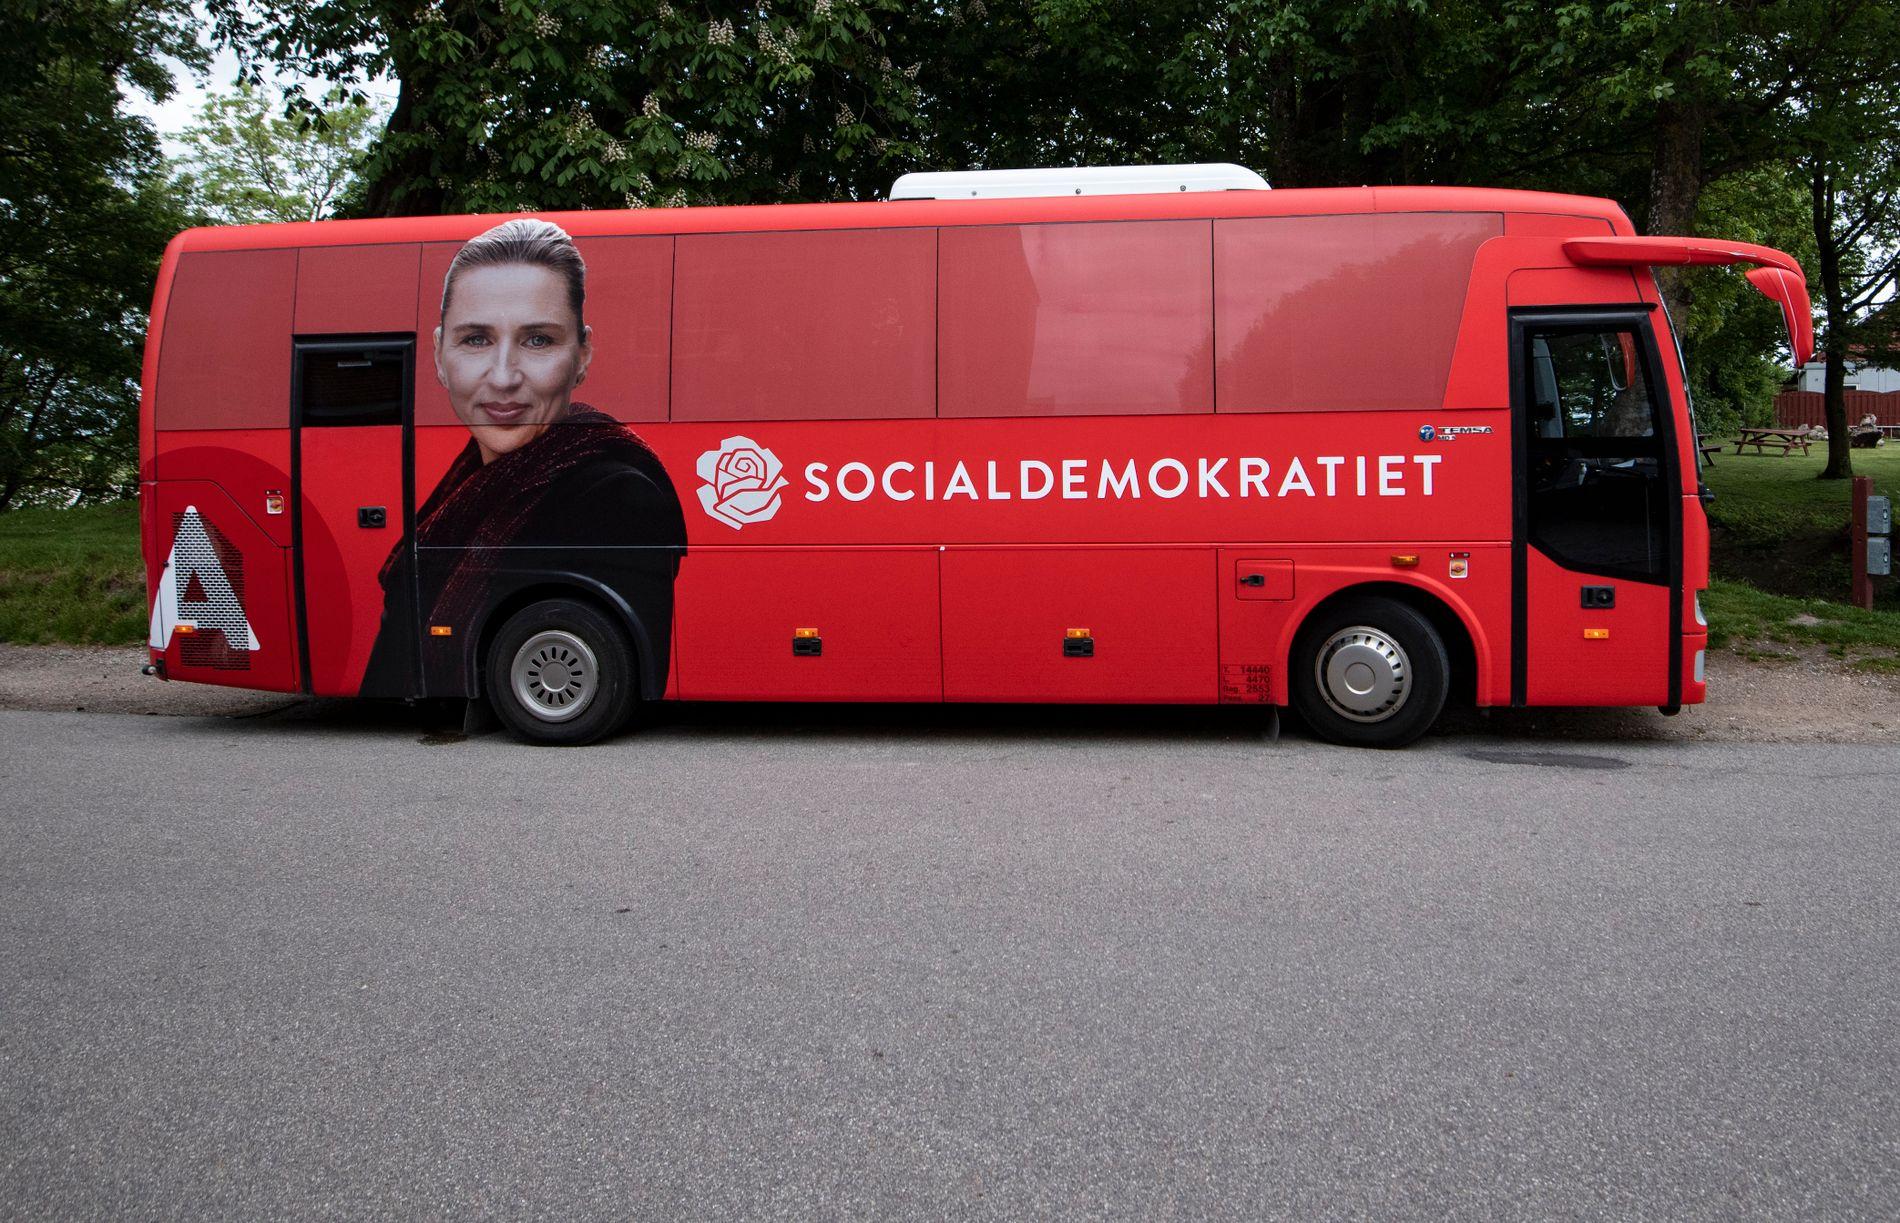 METTE-BUSSEN: Frederiksen har drevet intens valgkamp og kjørt Danmark rundt i denne bussen.